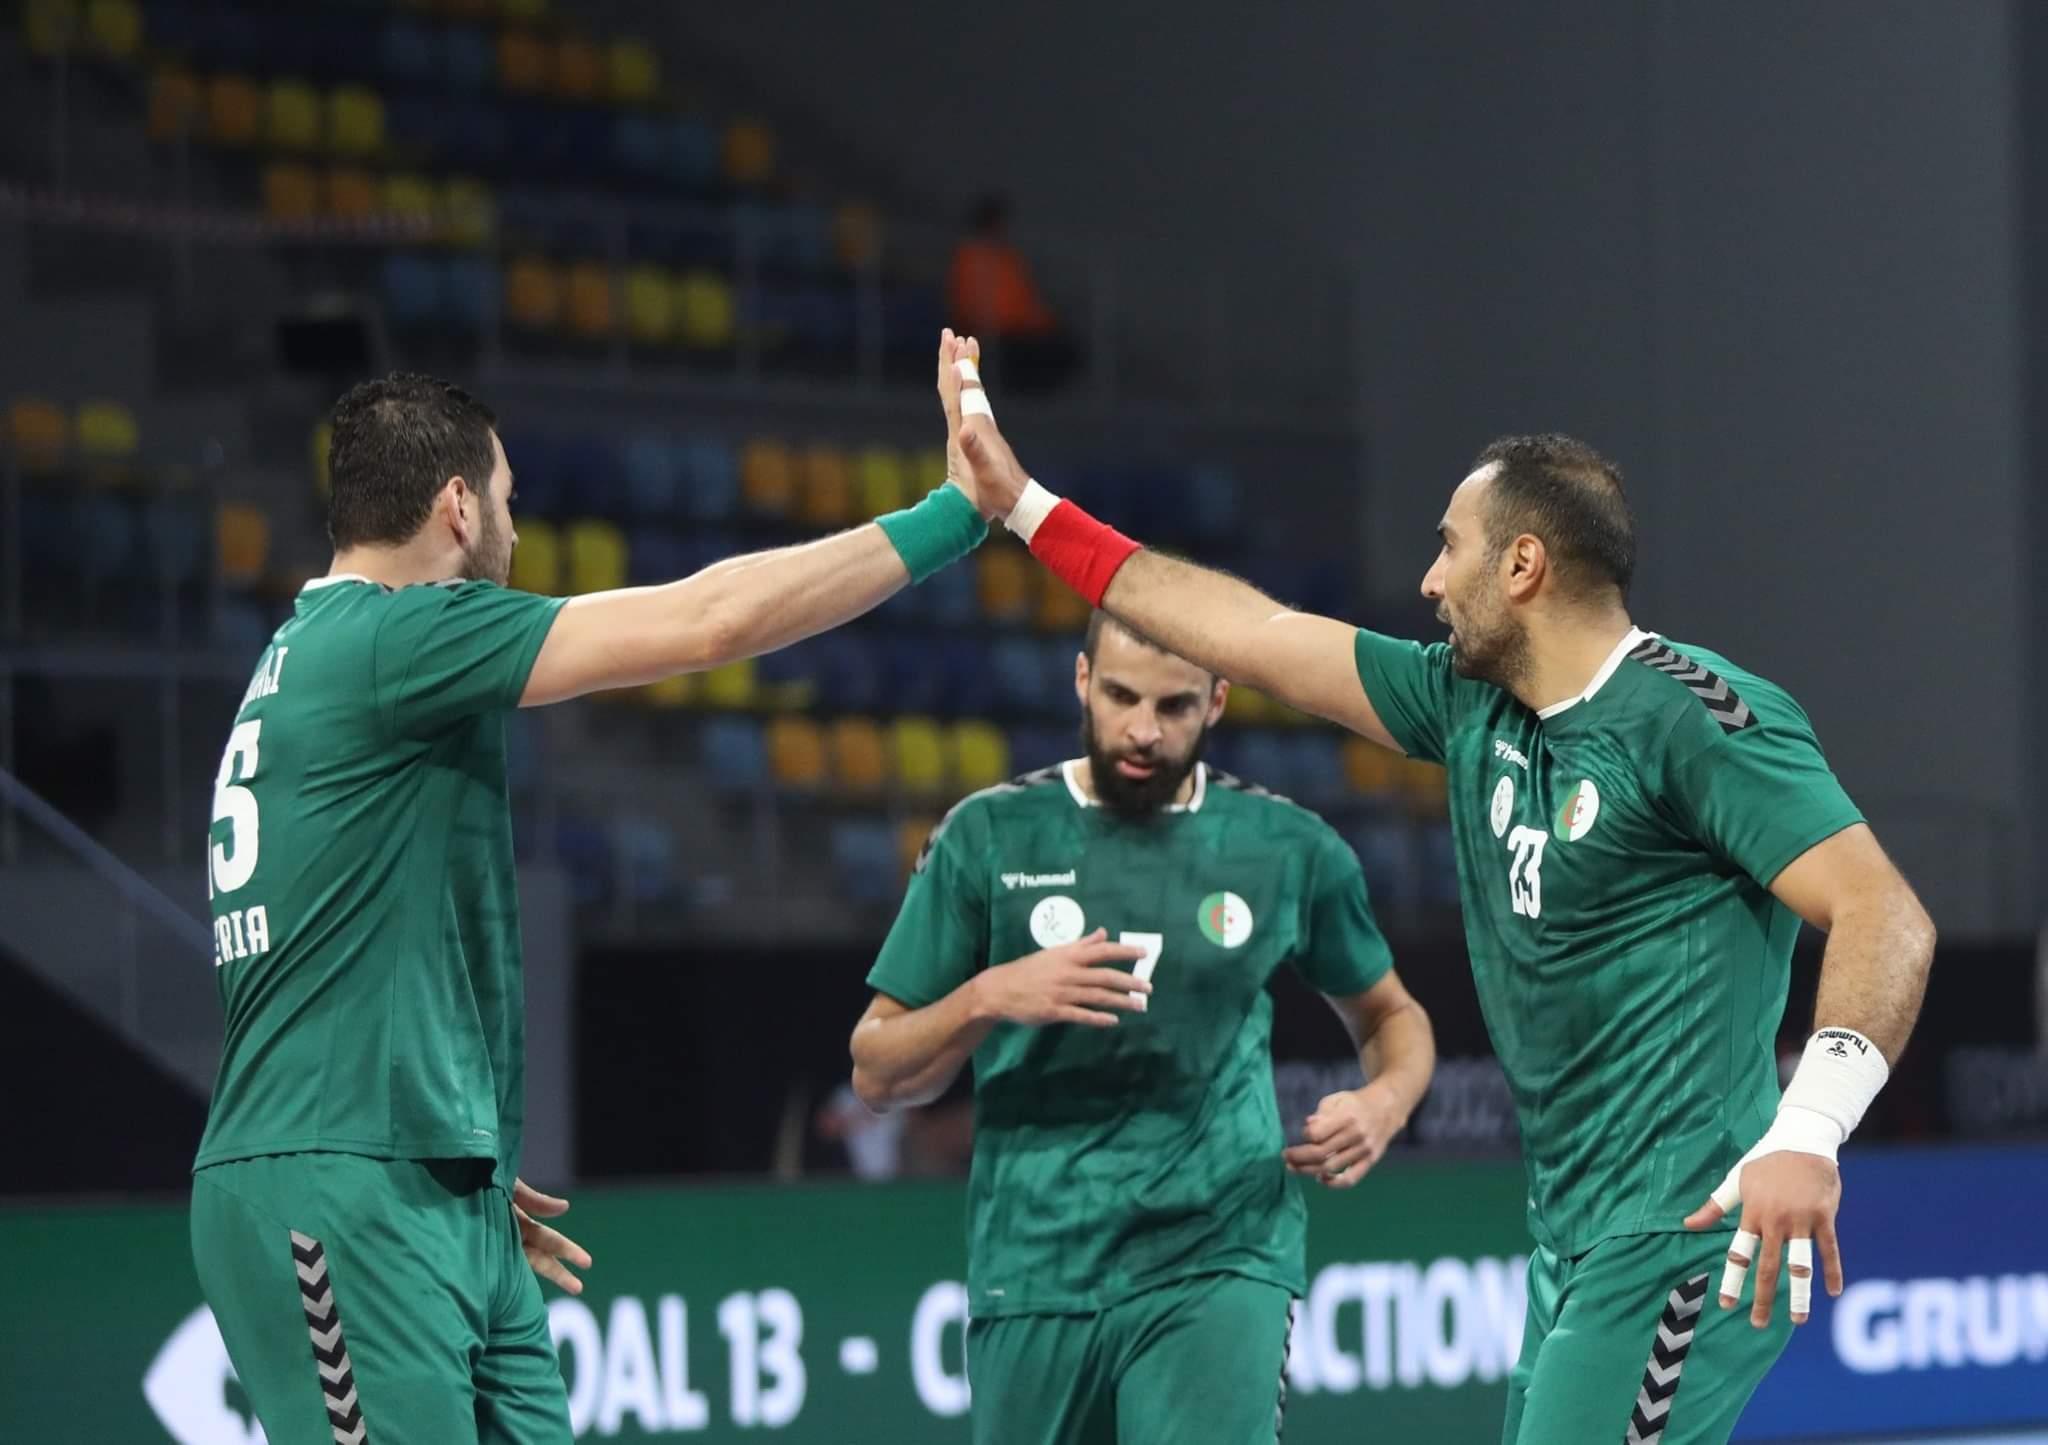 الدورة التأهيلية لألعاب الأولمبية: آلان بورت يكشف عن القائمة النهائية للمنتخب الجزائري لكرة اليد